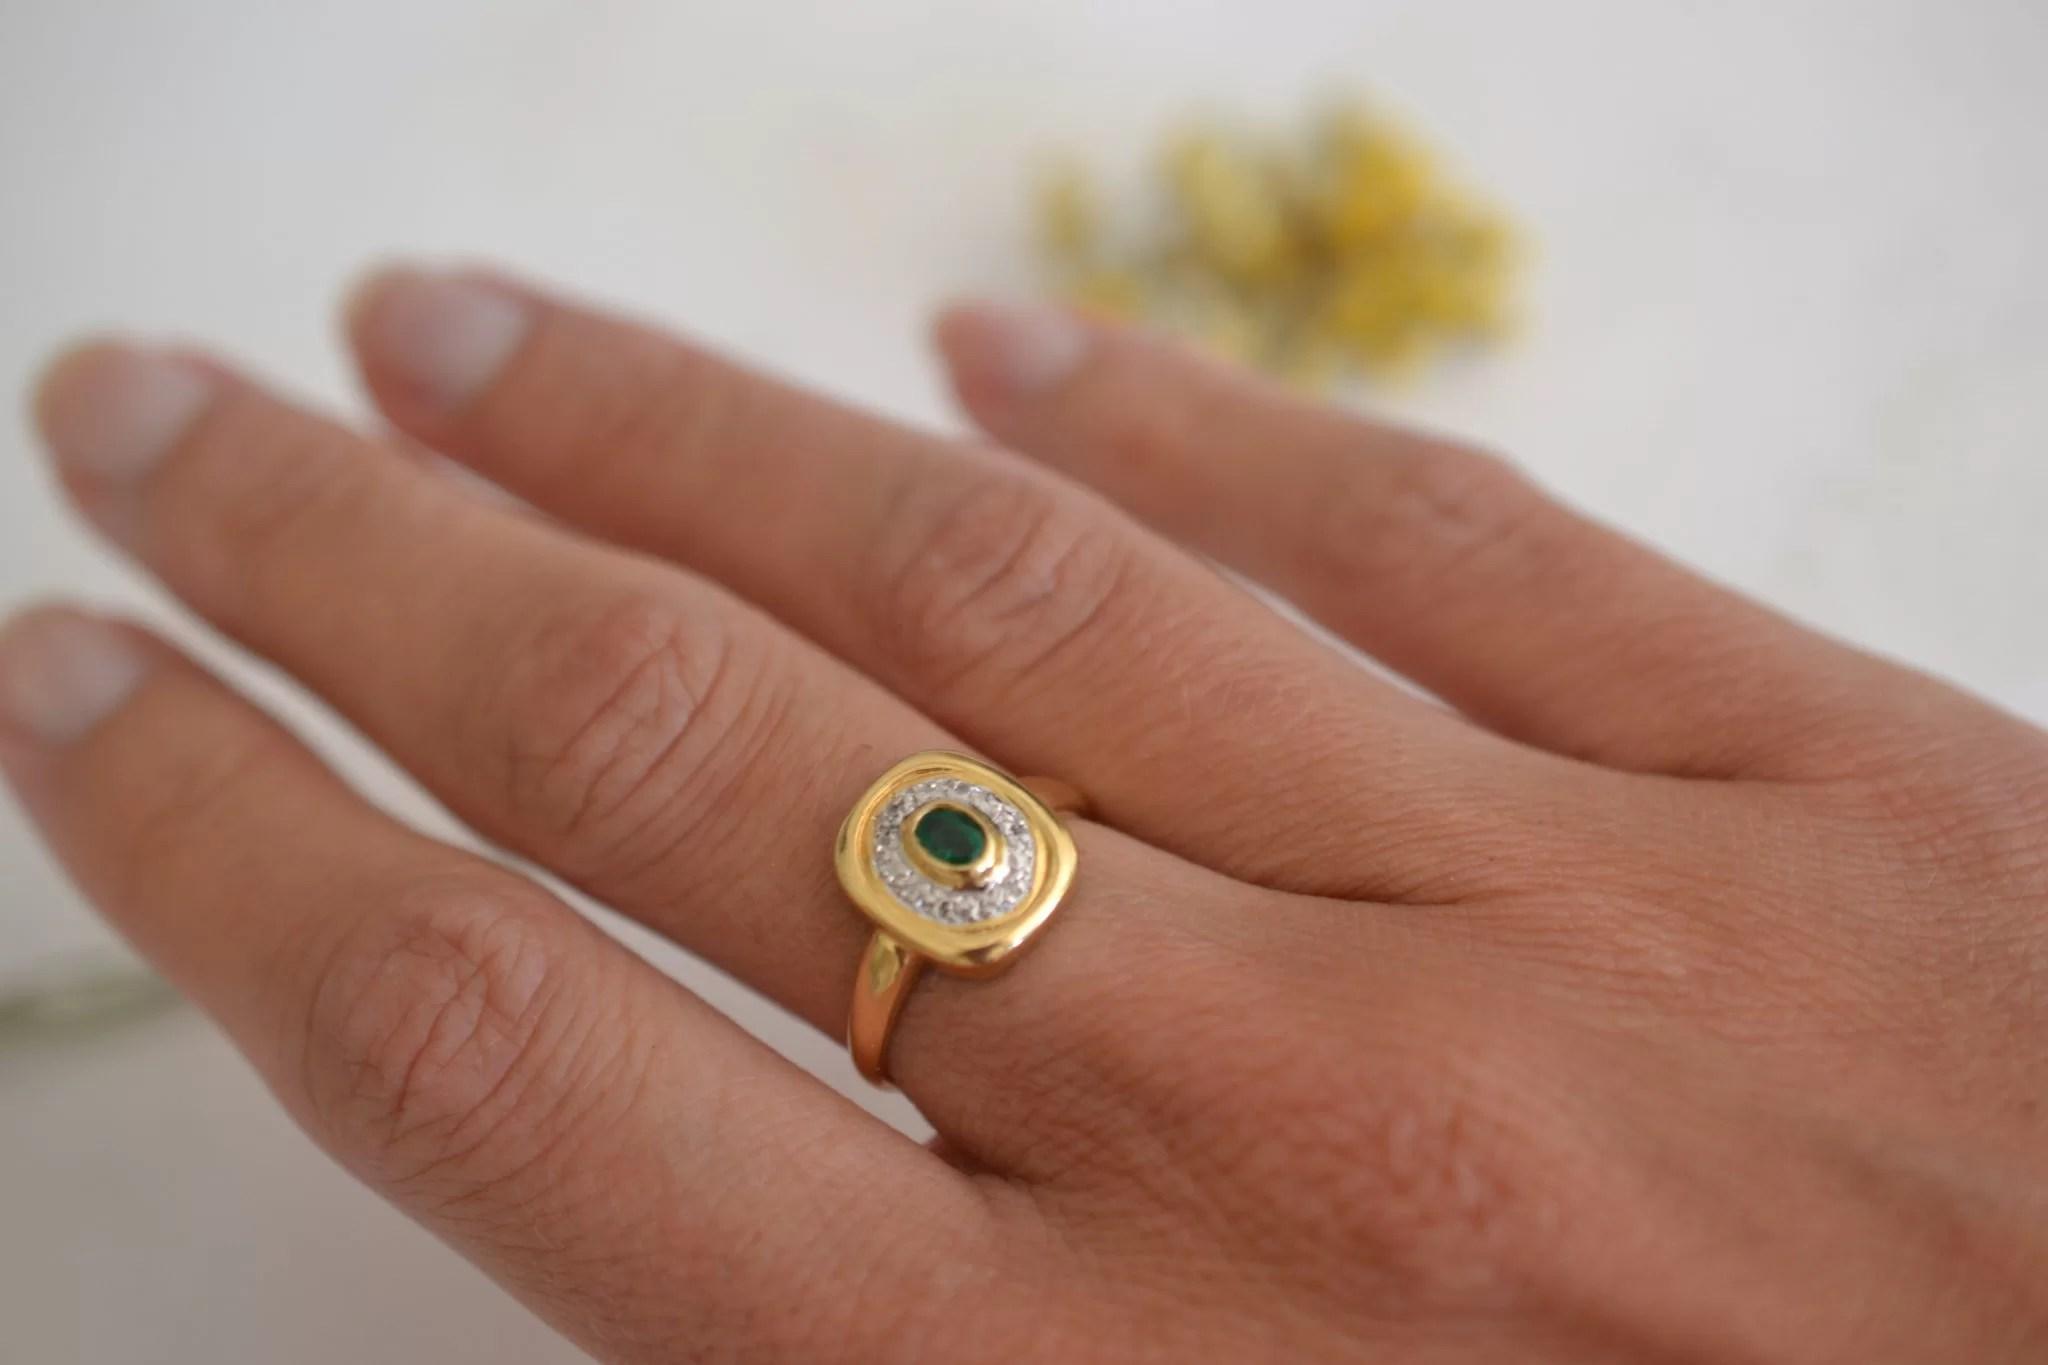 bague vintage sertie d'une emeraude et de diamants - en or 18 carats - bague de fiançailles ecoresponsable